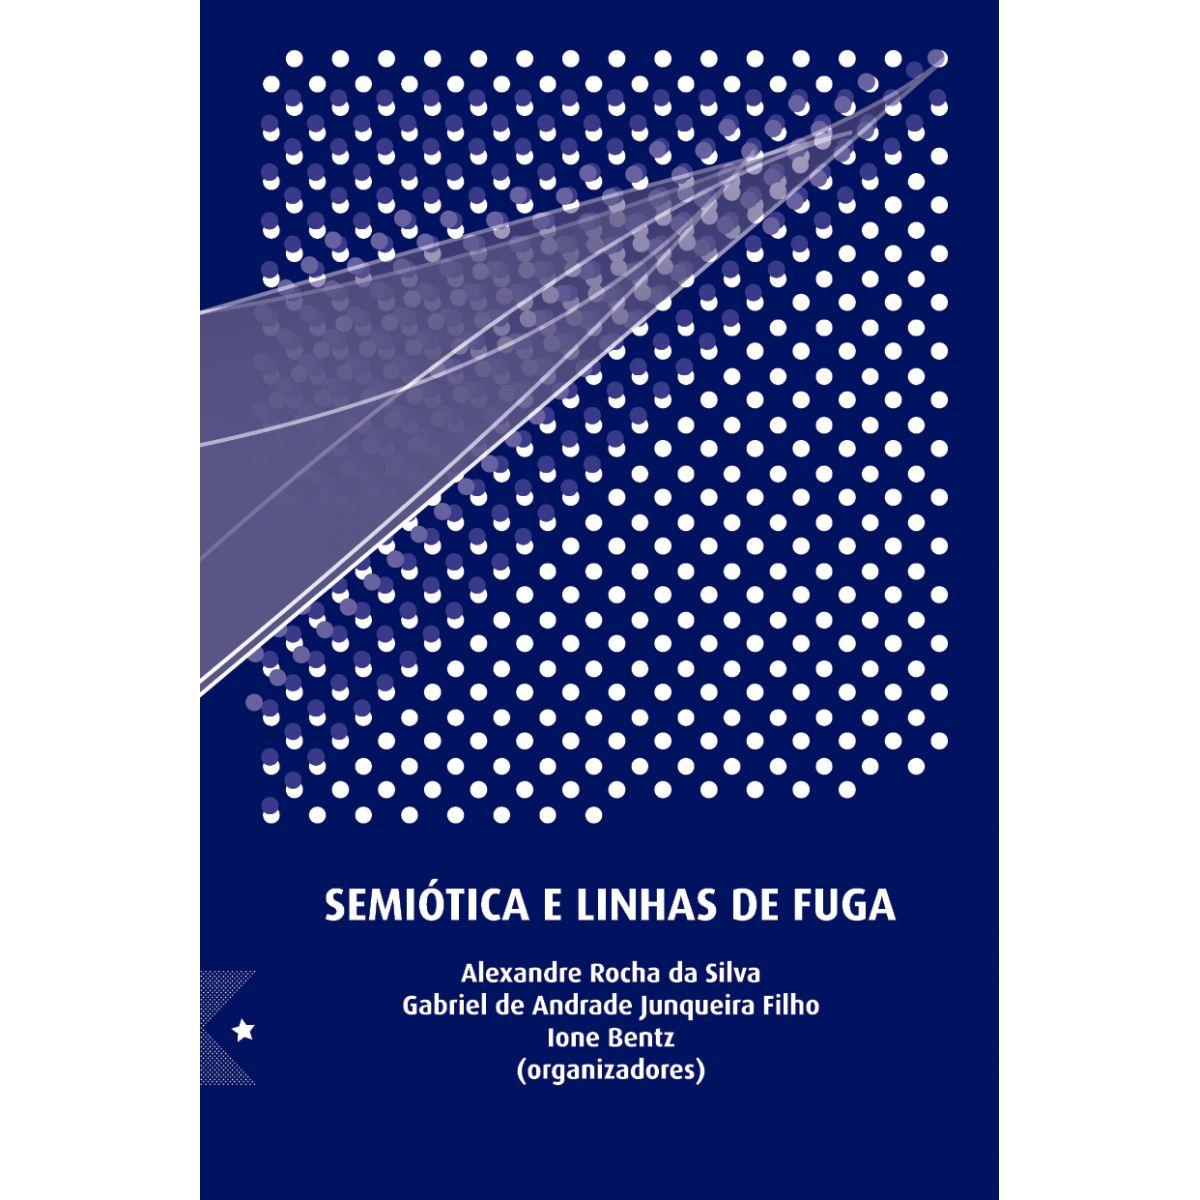 Semiótica e Linhas de Fuga, organização de Alexandre Rocha da Silva, Gabriel de Andrade Junqueira Filho e Ione Bentz